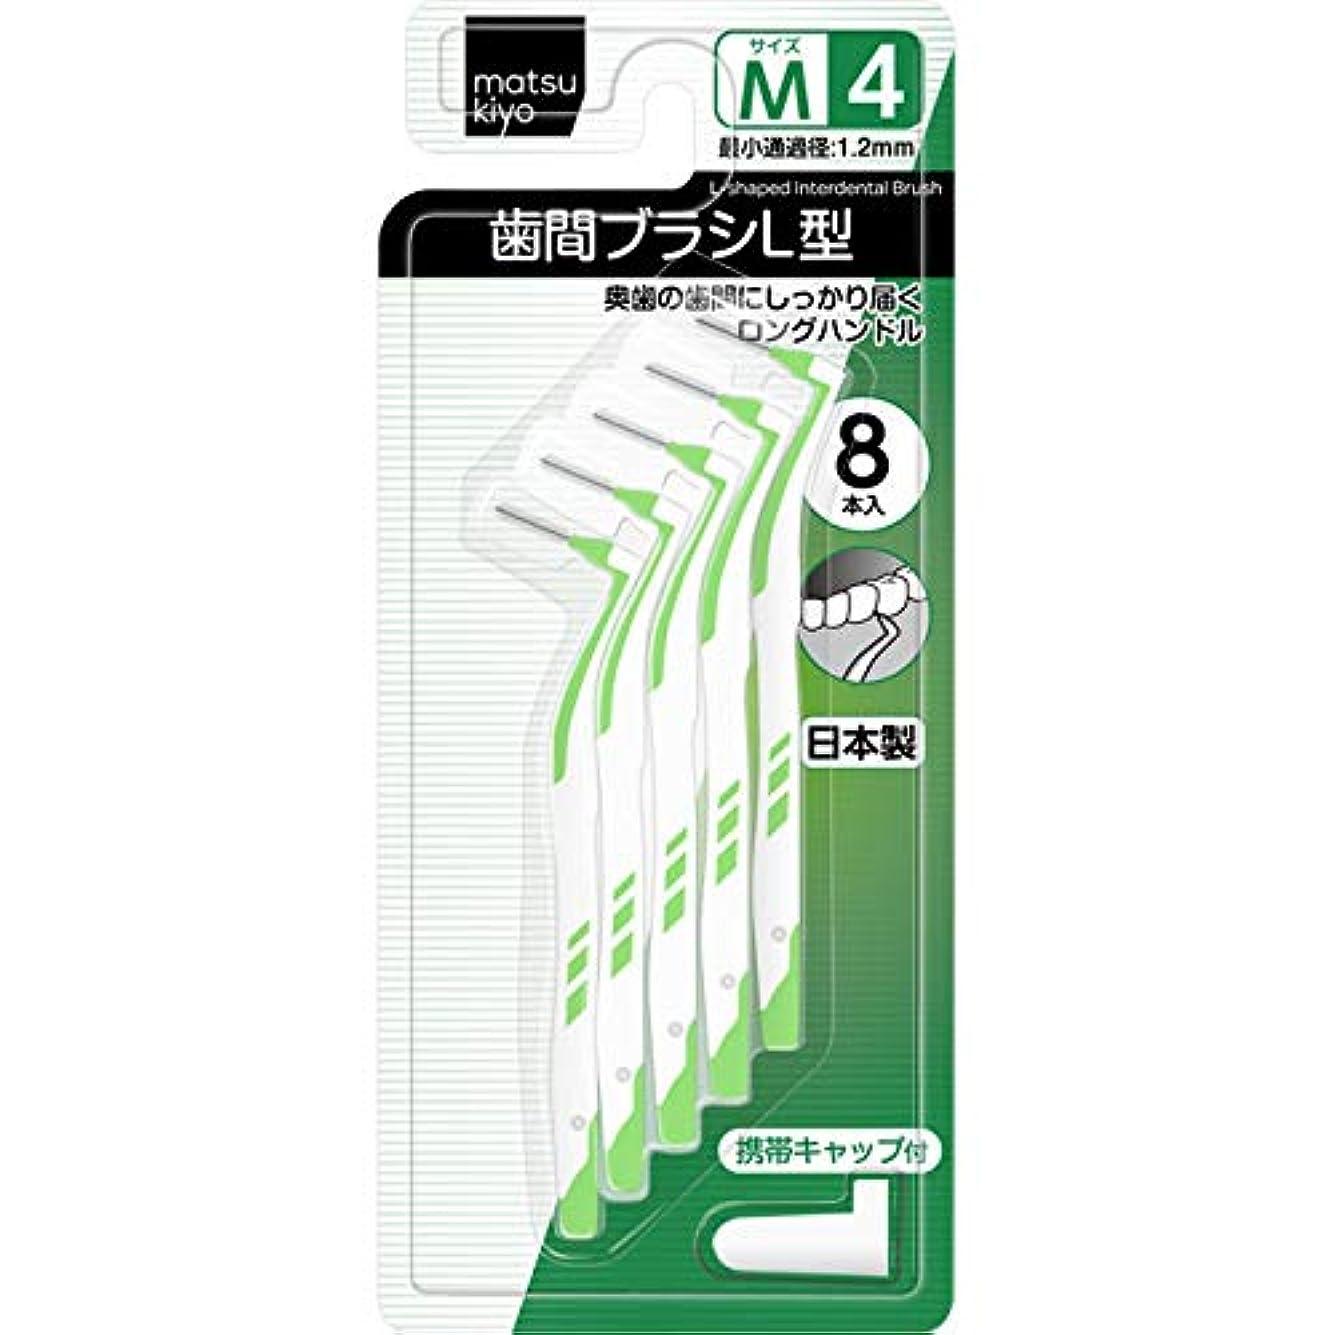 ドキドキ逃げるフェンスmatsukiyo 歯間ブラシL型 サイズ4(M) 8本